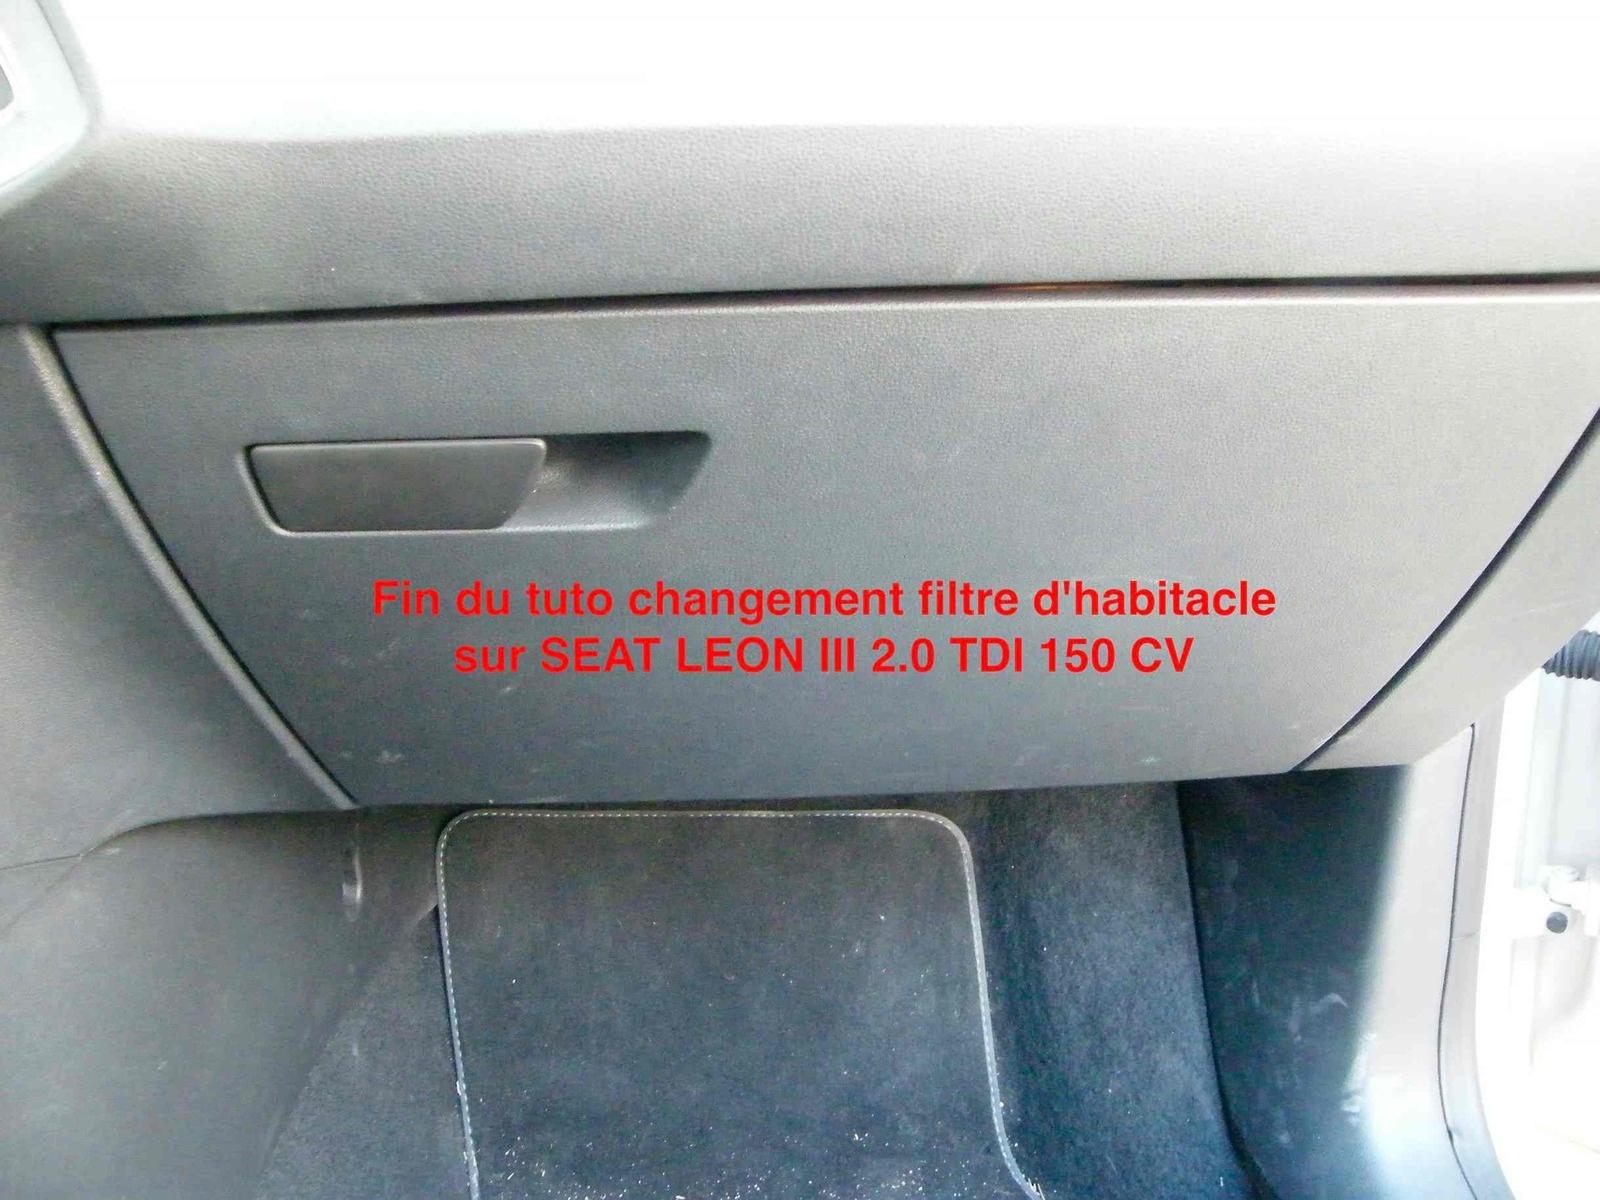 tuto changement filtre habitacle climatiseur seat leon 5f tutoriels forum autobip. Black Bedroom Furniture Sets. Home Design Ideas